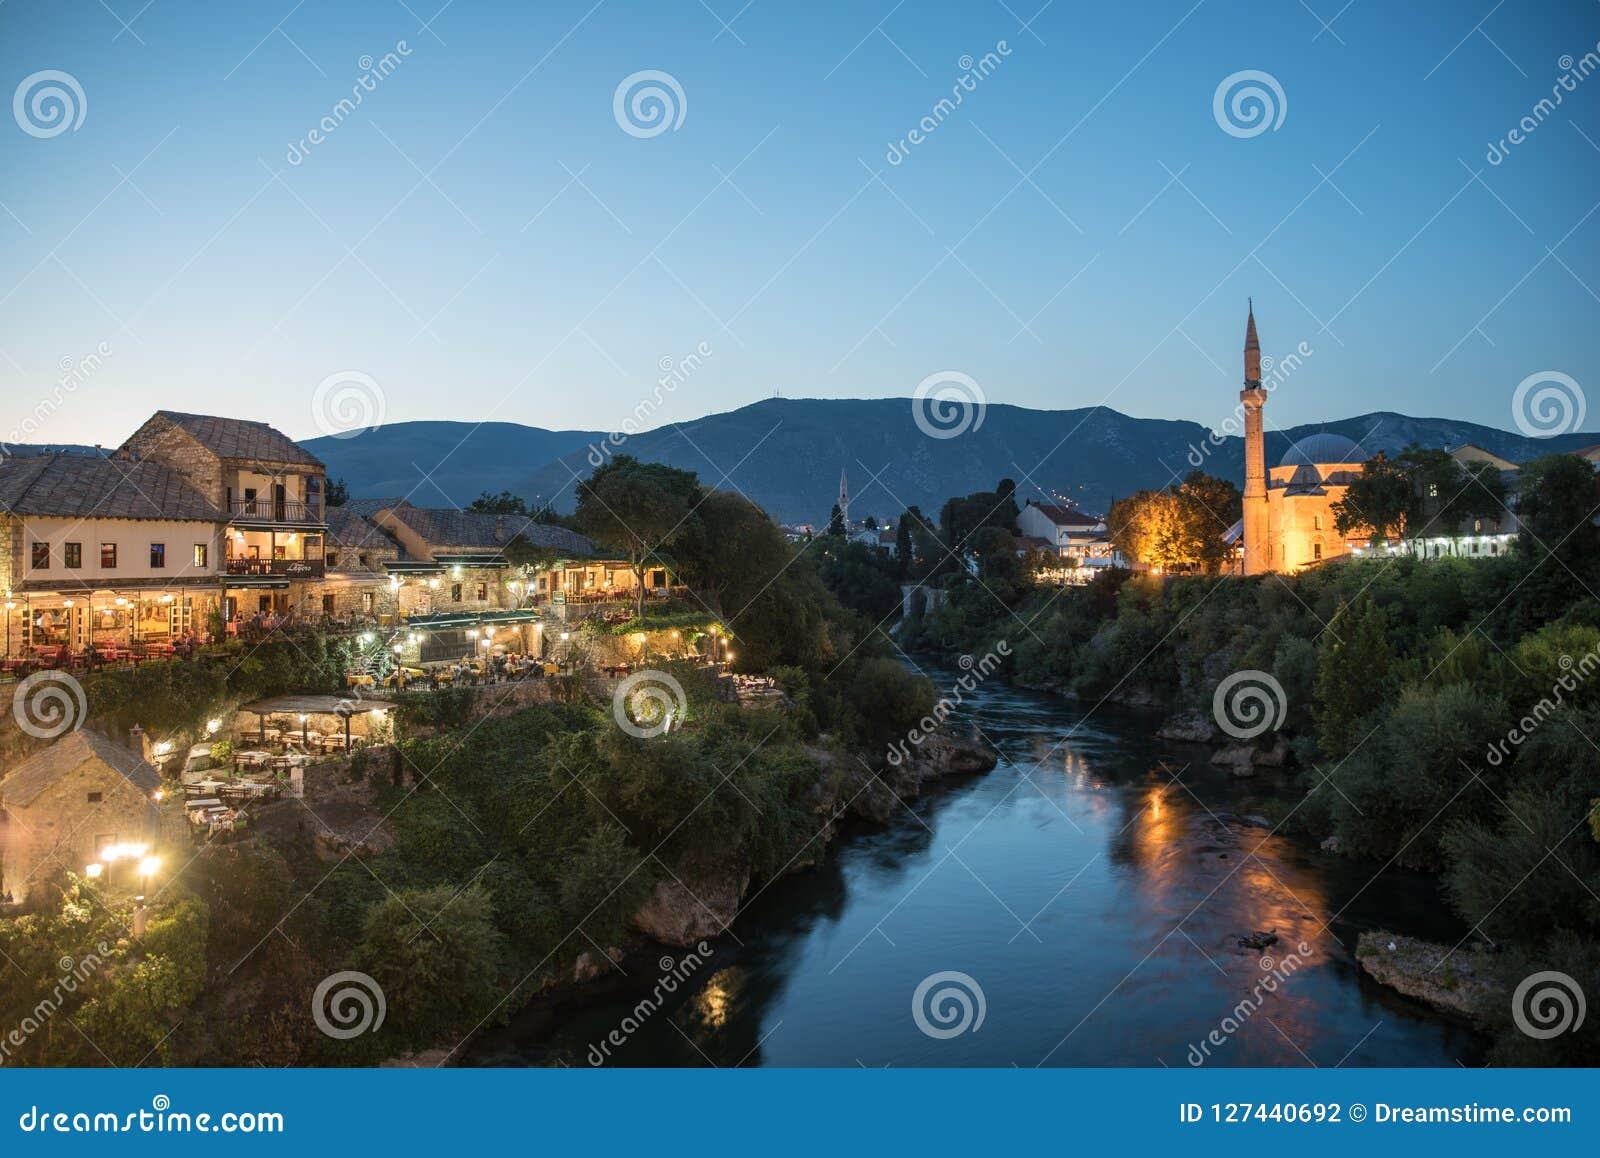 Gammal stad i Mostar, Bosnien och Hercegovina